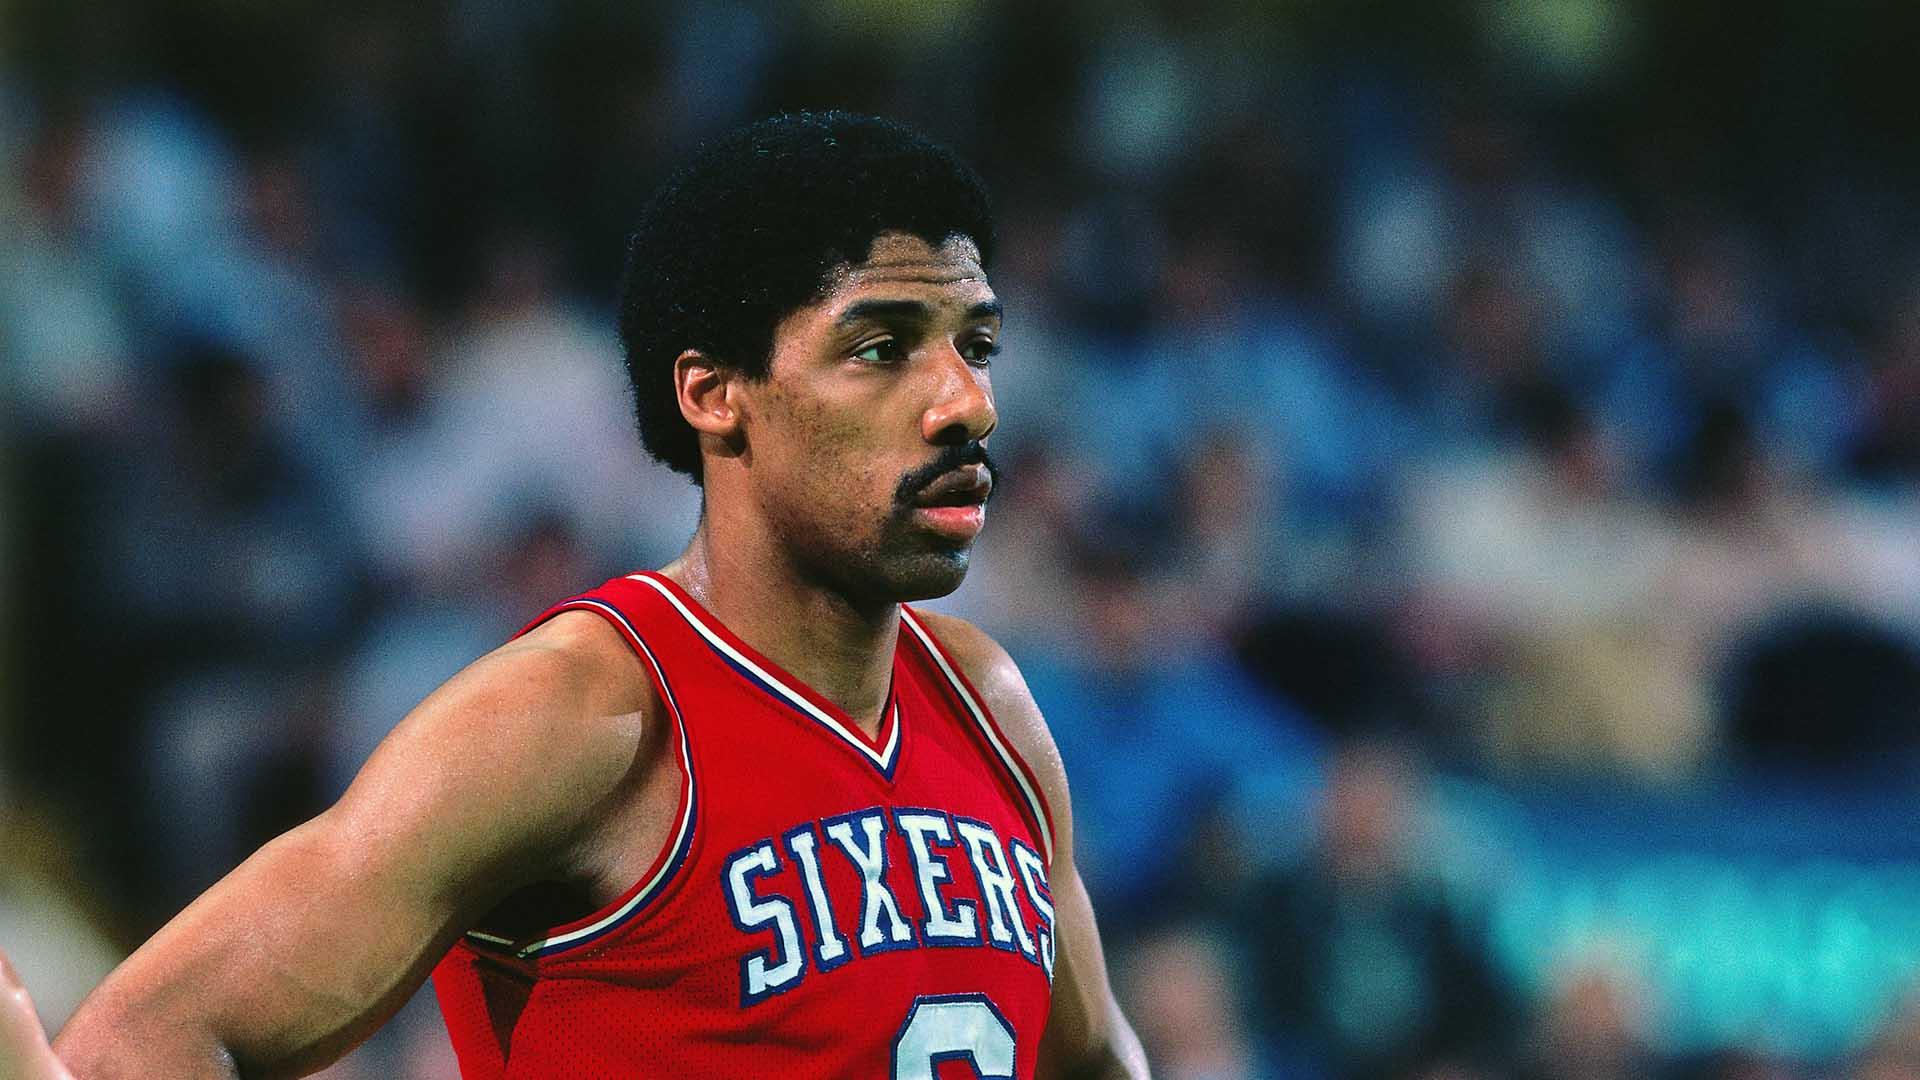 maiores jogadores de basquete de todos os tempos julius erving